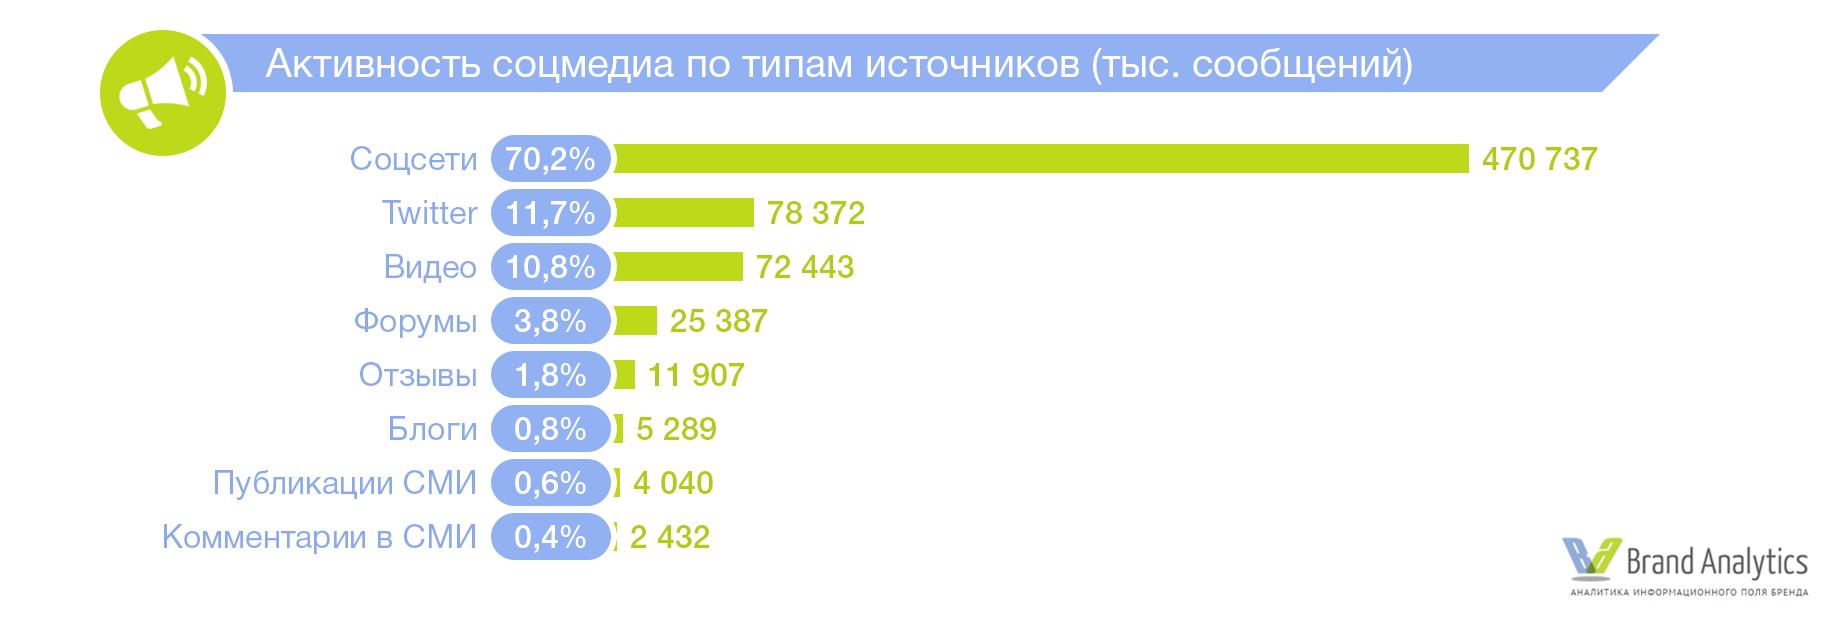 703b5214f59e8f4 Социальные сети в России, лето 2017: цифры и тренды | Блог Brand ...